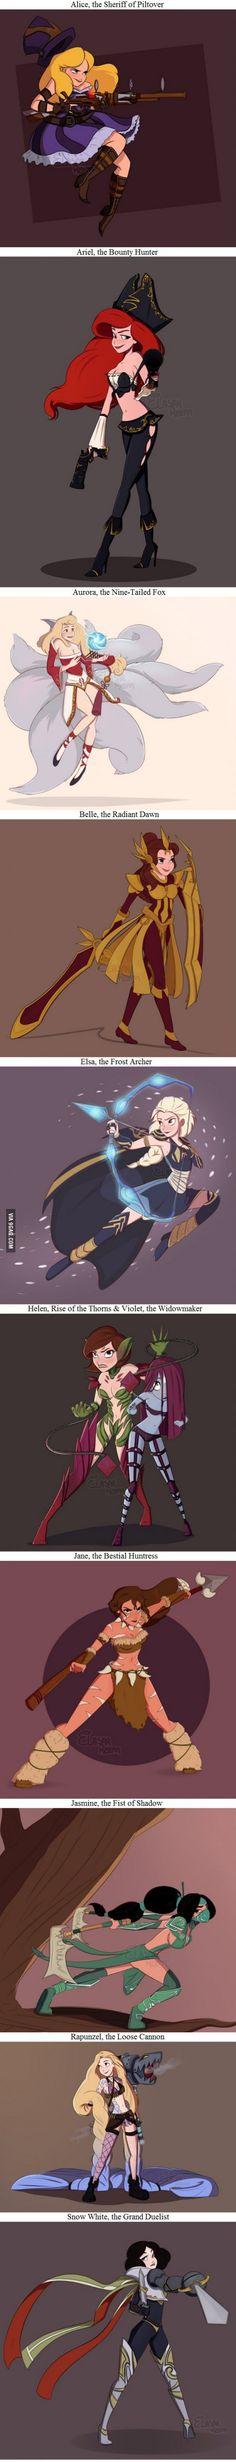 League of (Disney)Ladies by Dreemers